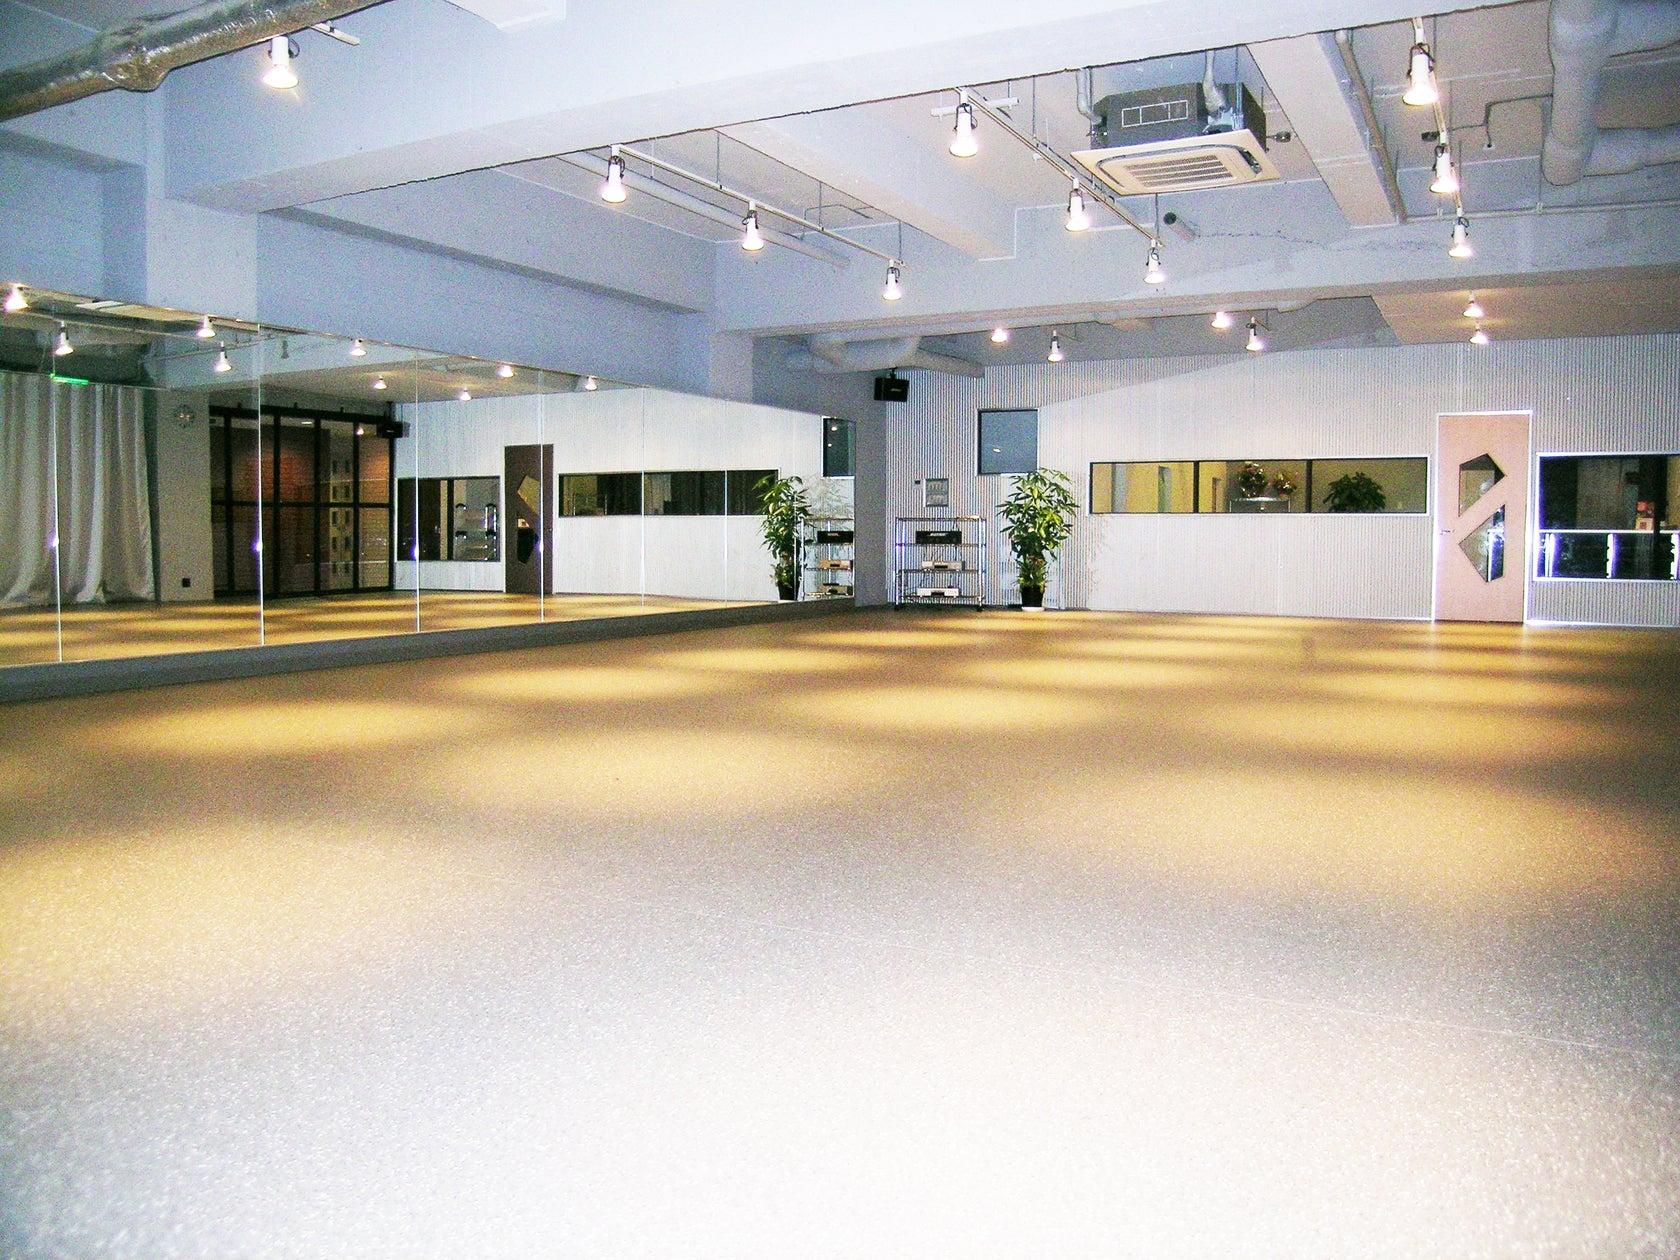 所沢ダンススタジオ 安くて広いフロアお探しの方はぜひ ダンス・ヨガ・フラ レンタル の写真